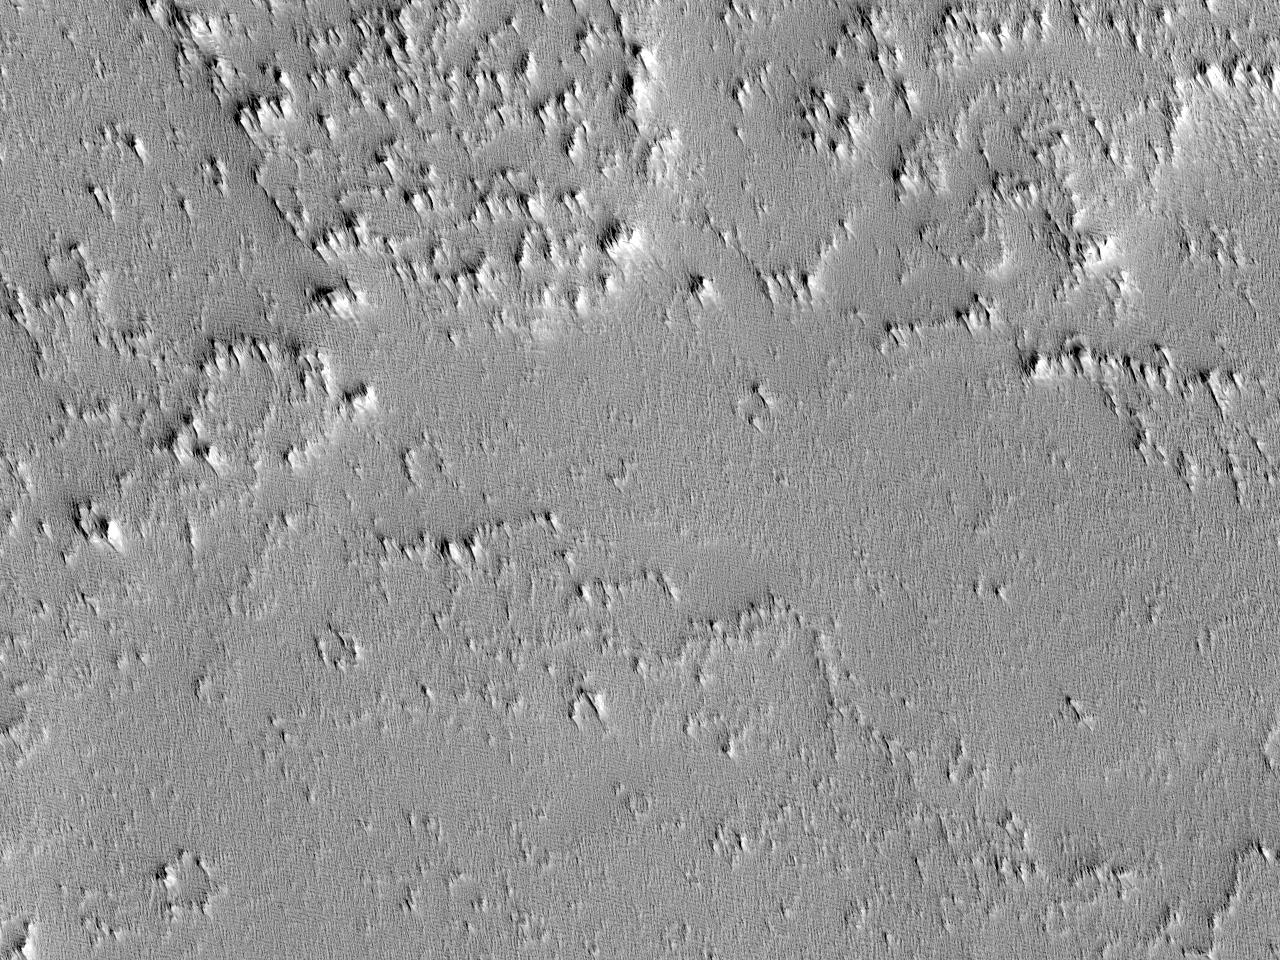 Lava flyter fra Pavonis Mons